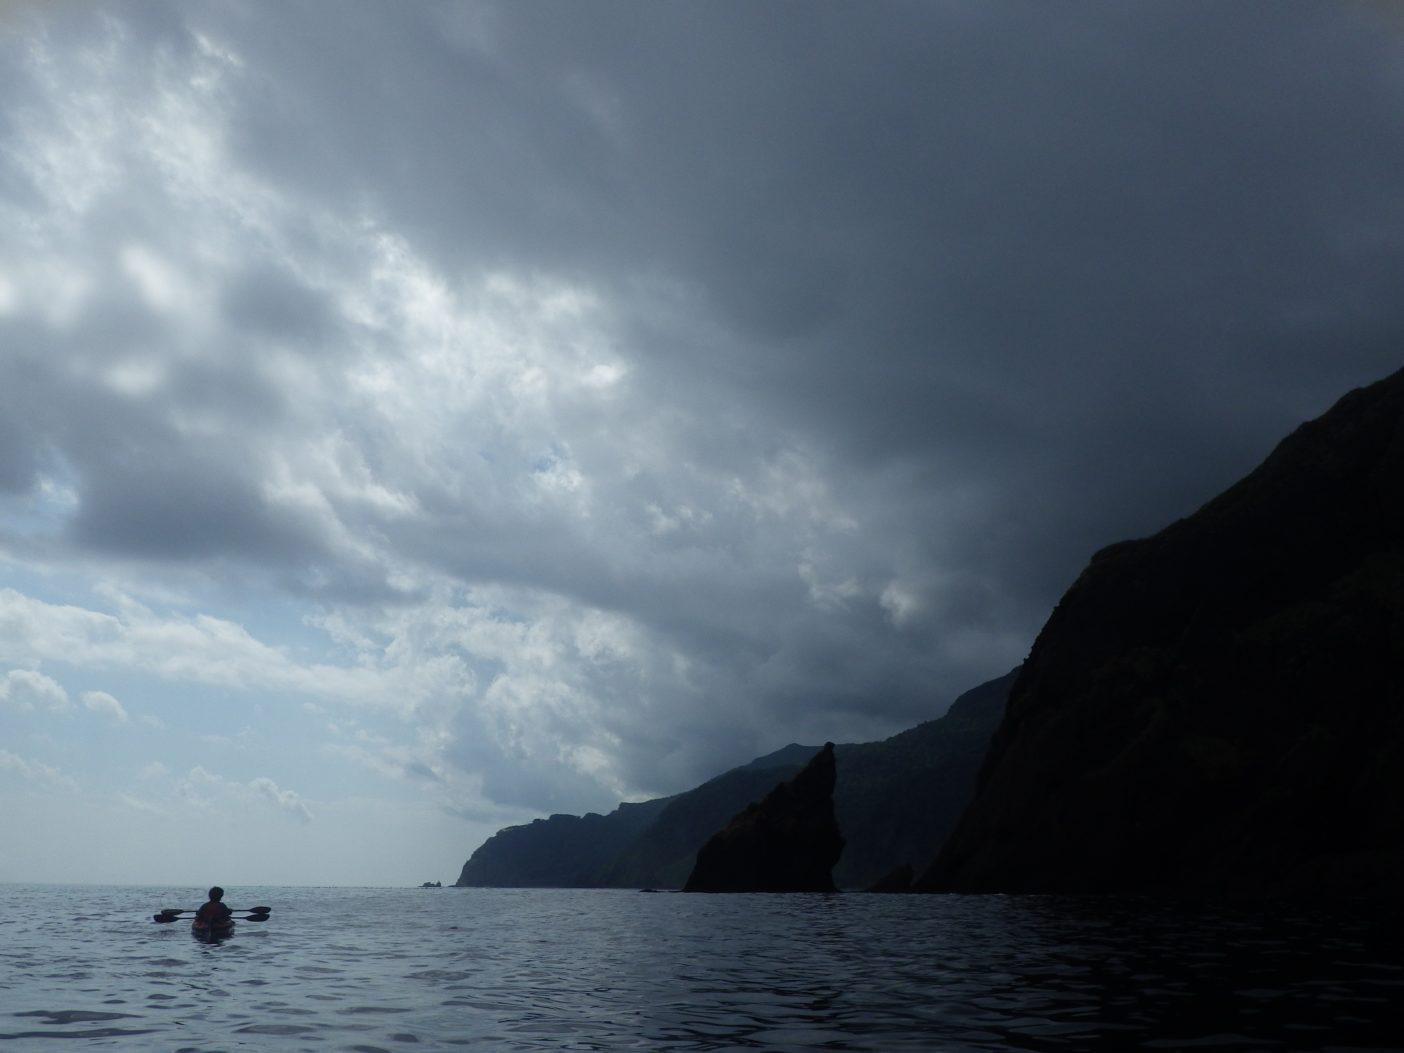 変わりやすい知床の空の下、つかの間の休憩。写真:島田和彦